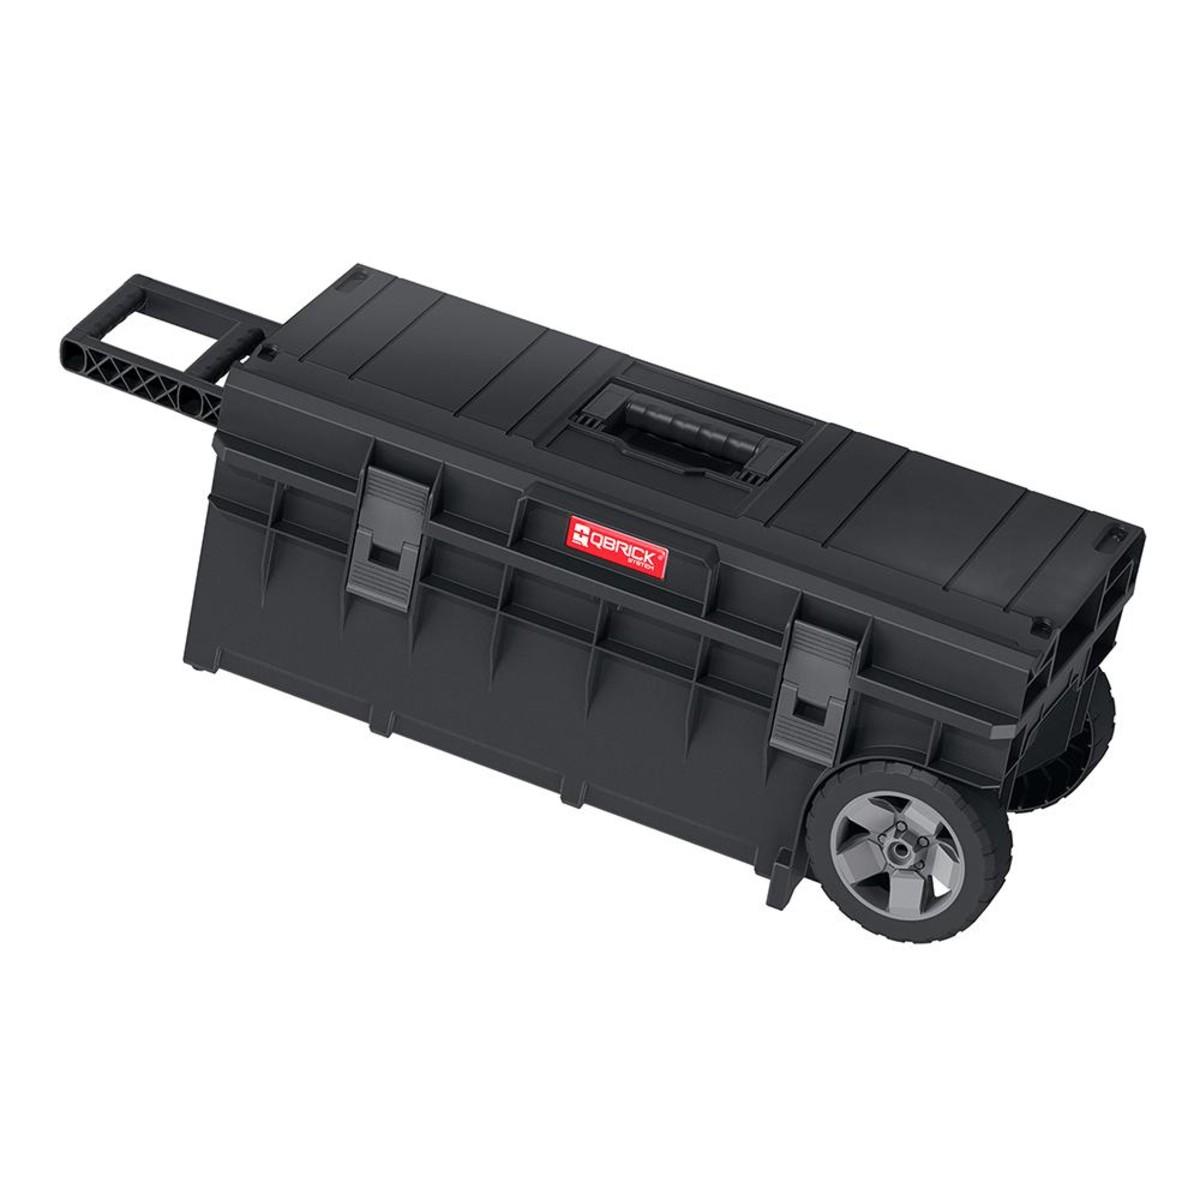 Ящик для инструментов QBRICK SYSTEM LONGER BASIC 793x385x322мм